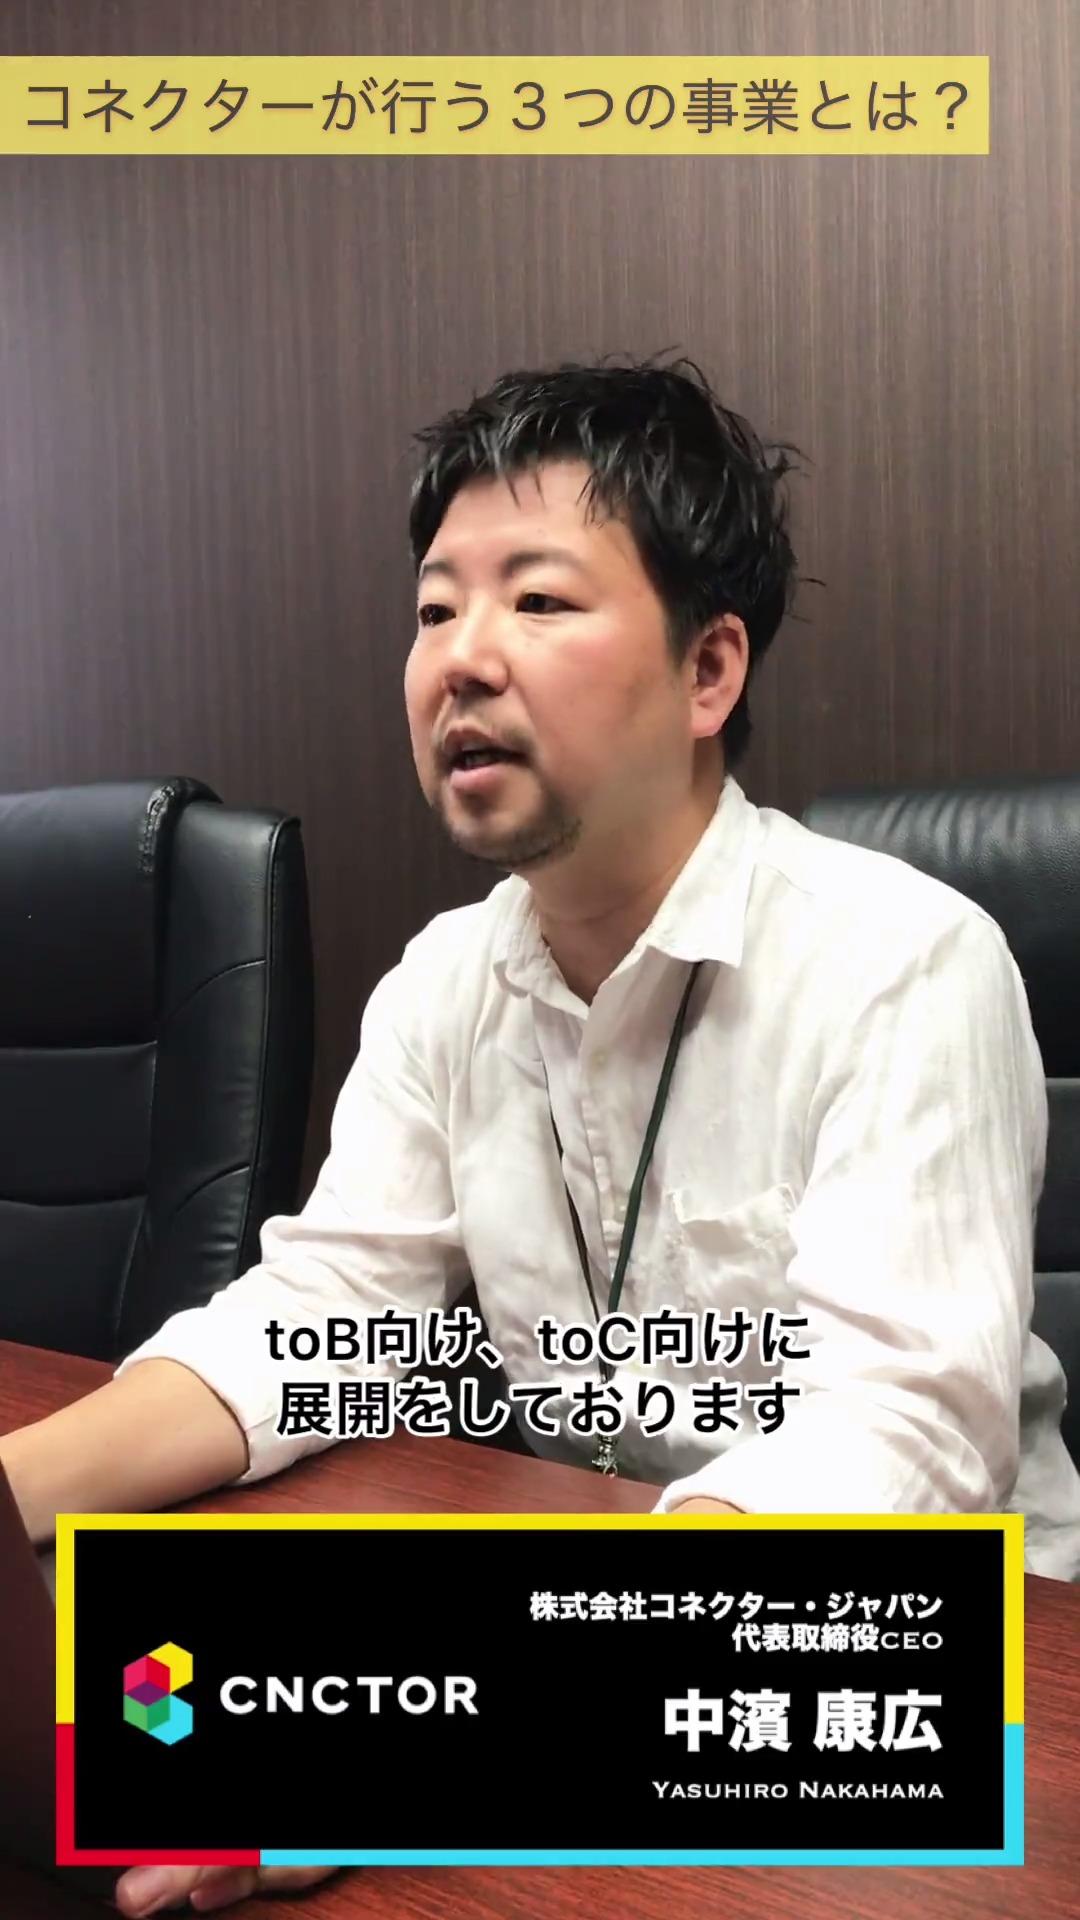 コネクタージャパン社長が語る、展開する3つの事業内容について/【採用動画】